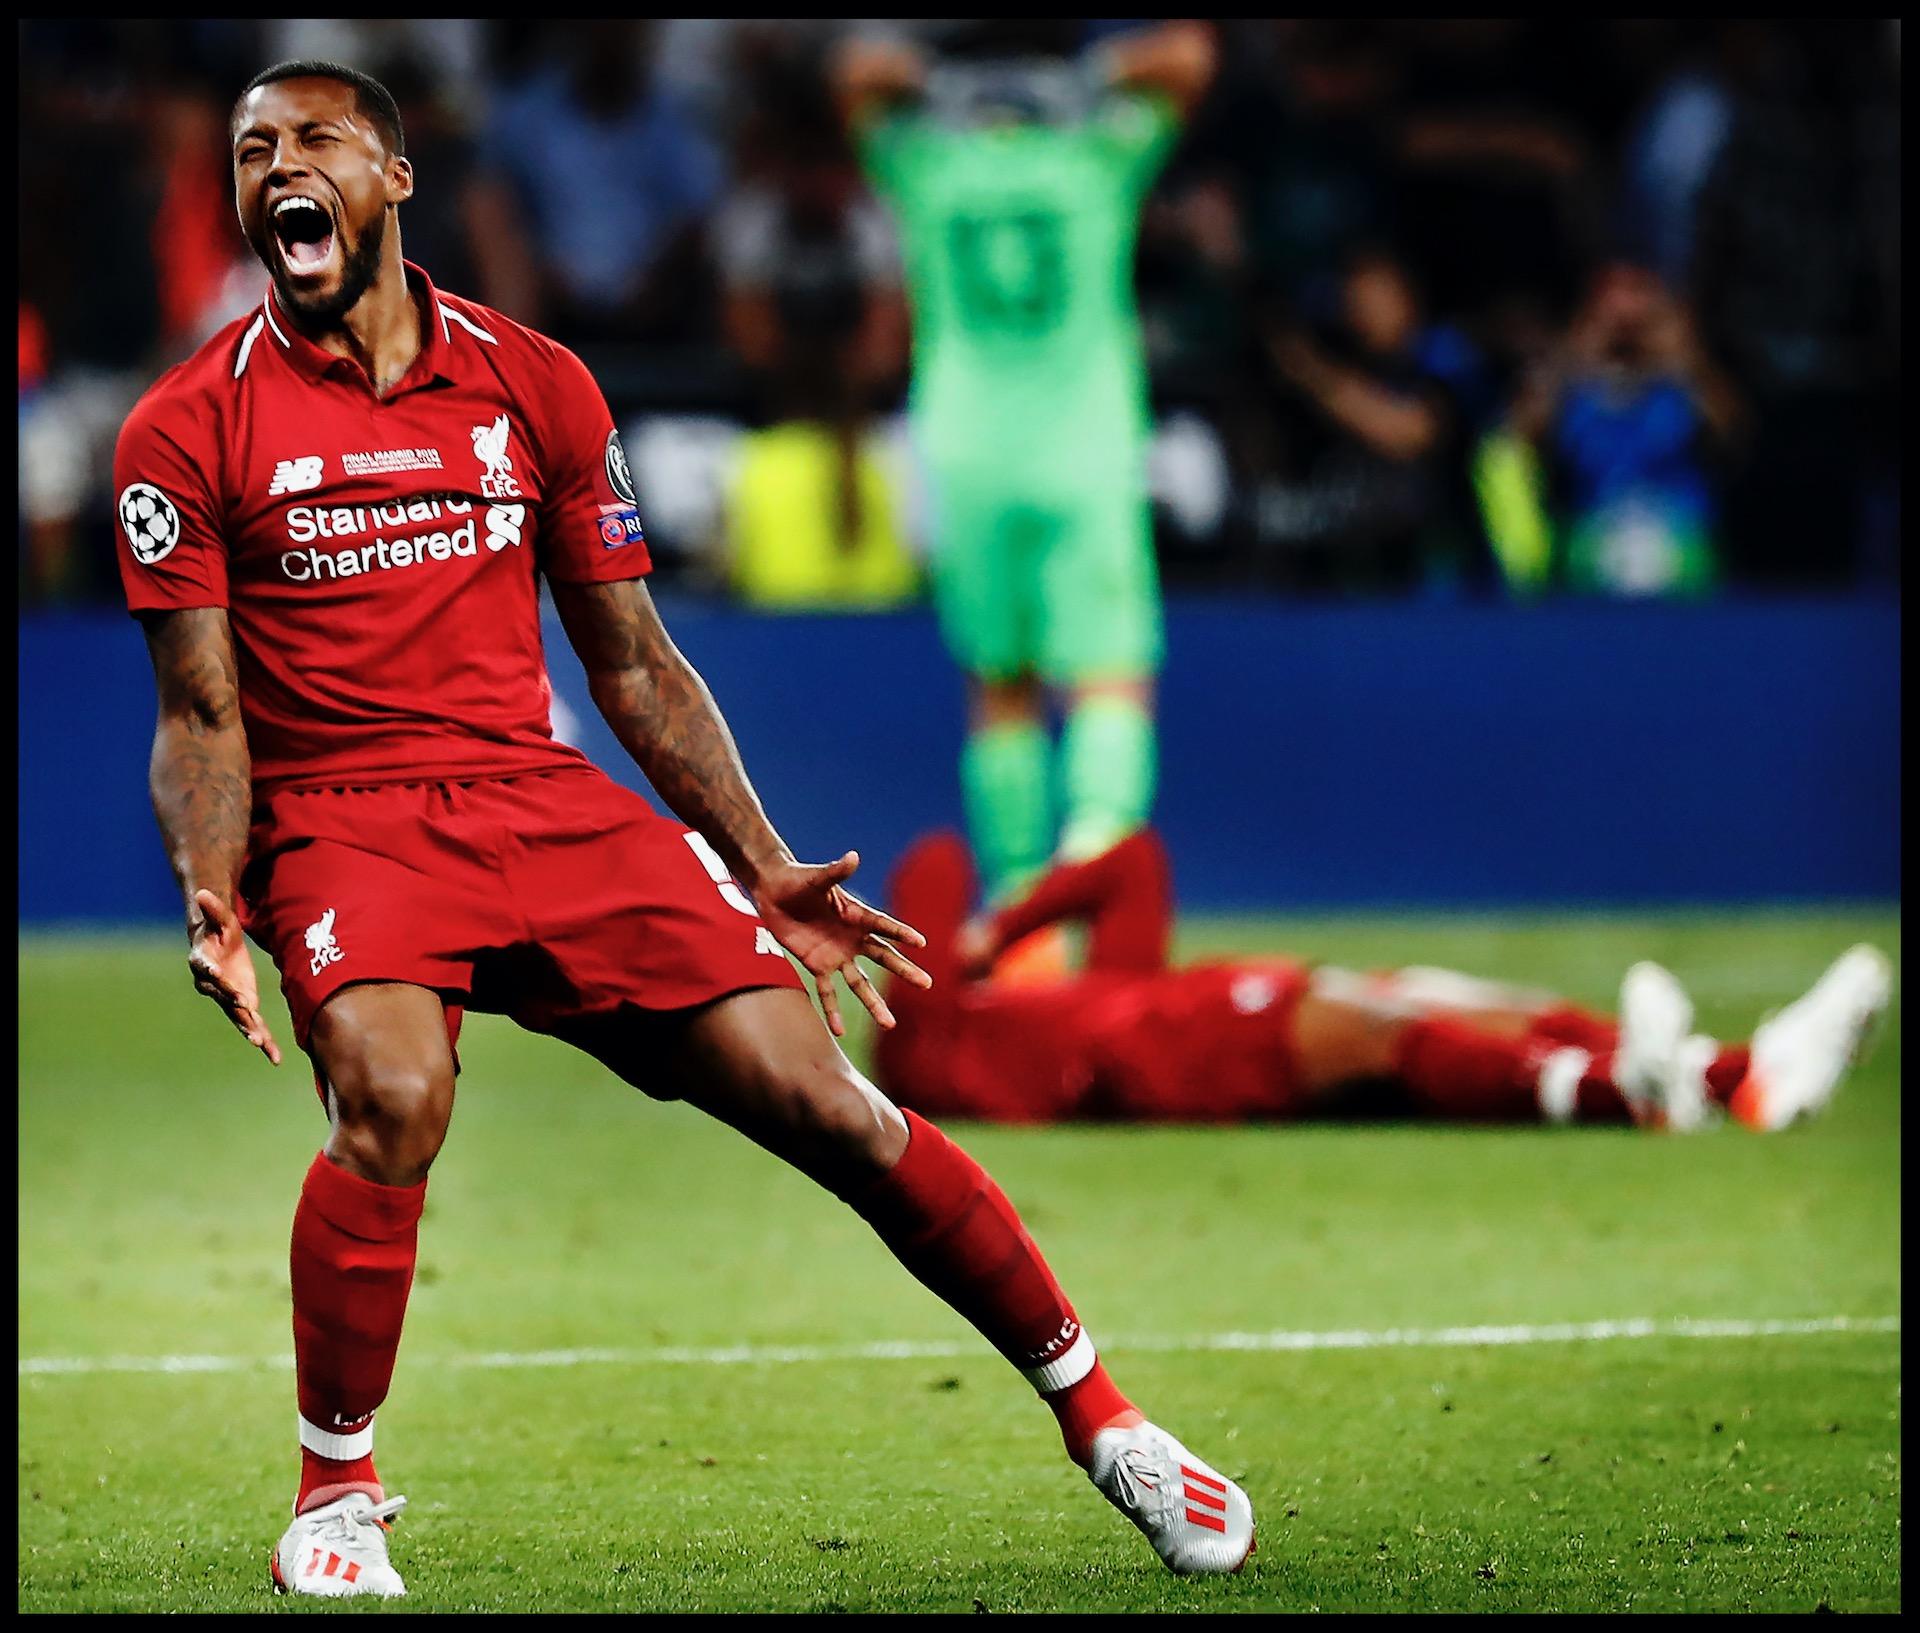 Spanje, Madrid, 02-06-2019 Serie; Geen Champions League victorie zonder familie! Champions League finale Liverpool-Tottenham Hotspur. Na het laatste fluitsignaal schreeuwt Wijnaldum het uit. Liverpool wint de Champions League! Op de achtergrond kan Virgil van Dijk het liggend op het gras niet bevatten.